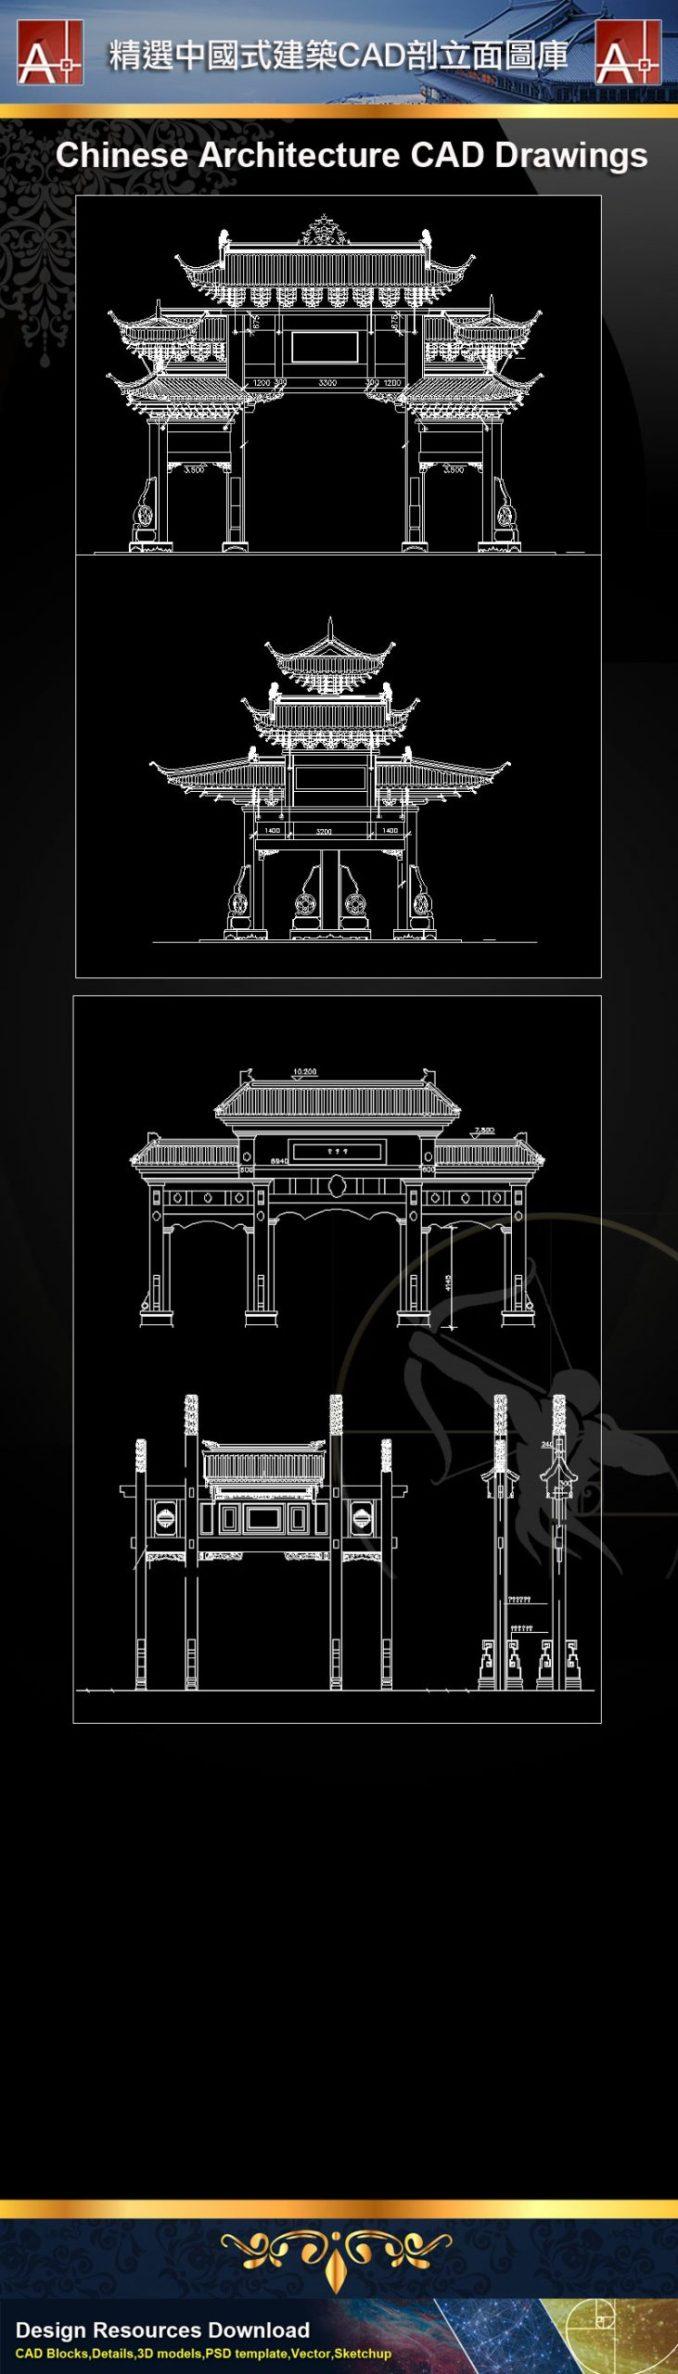 塔、殿、中式牌坊、大門、廟,中國風古典設計,中式元素及精選案例,臺基,柱礎,鋪面,欄杆,屋身,斗栱,屋頂,門與窗,隔斷,天花與藻井,裝飾,中國景觀庭園元素,窗戶設計,門設計,中國風牆面樣式,剖立面設計圖